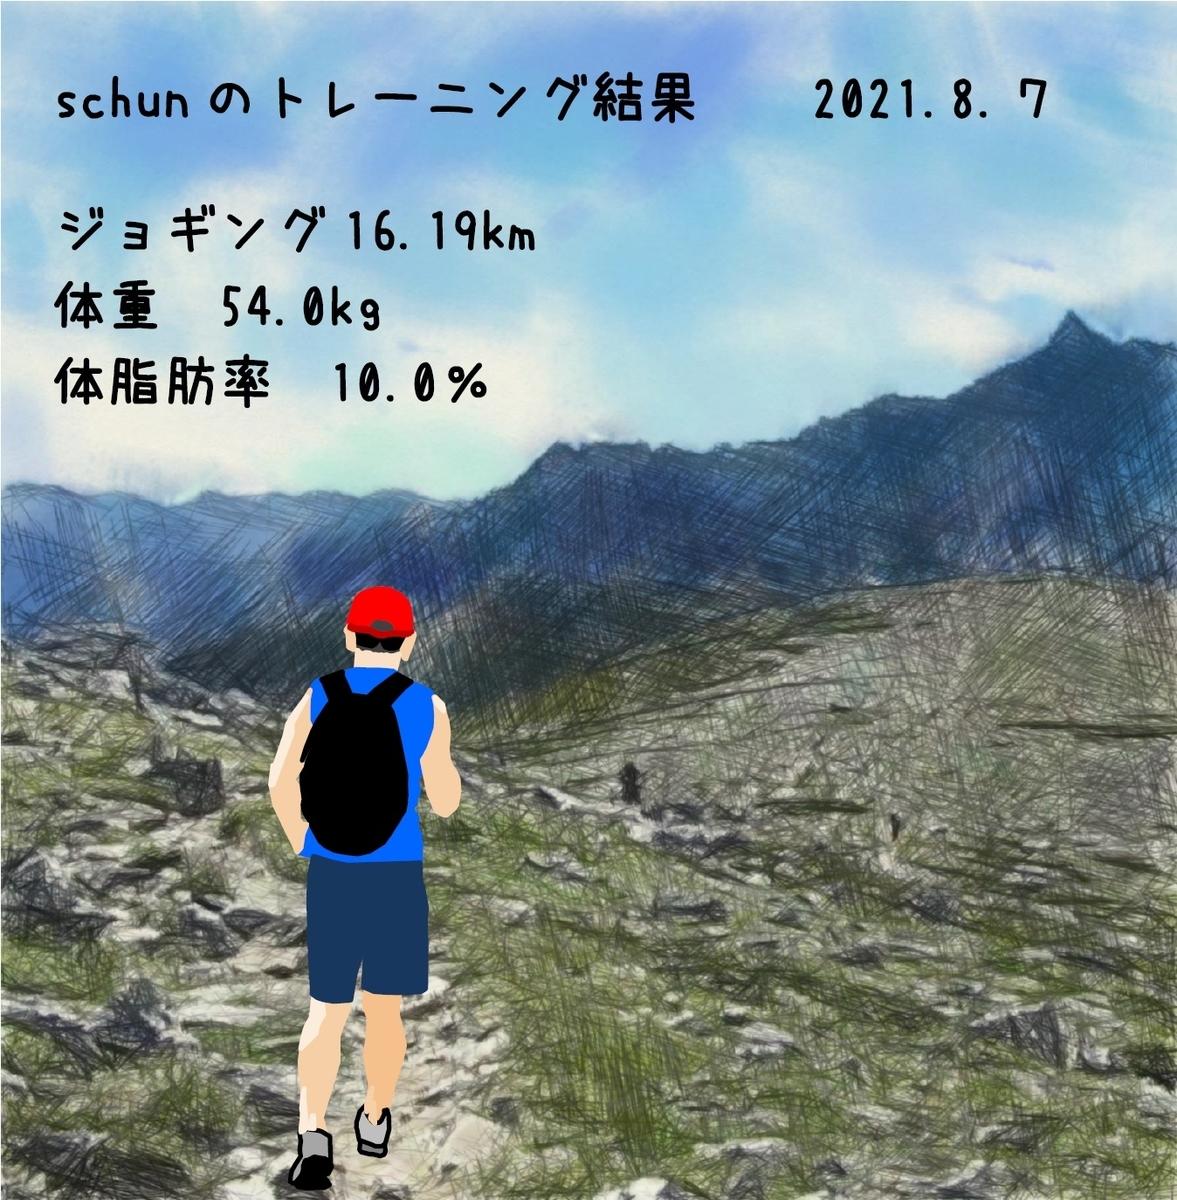 f:id:schunchi2007:20210809044644j:plain